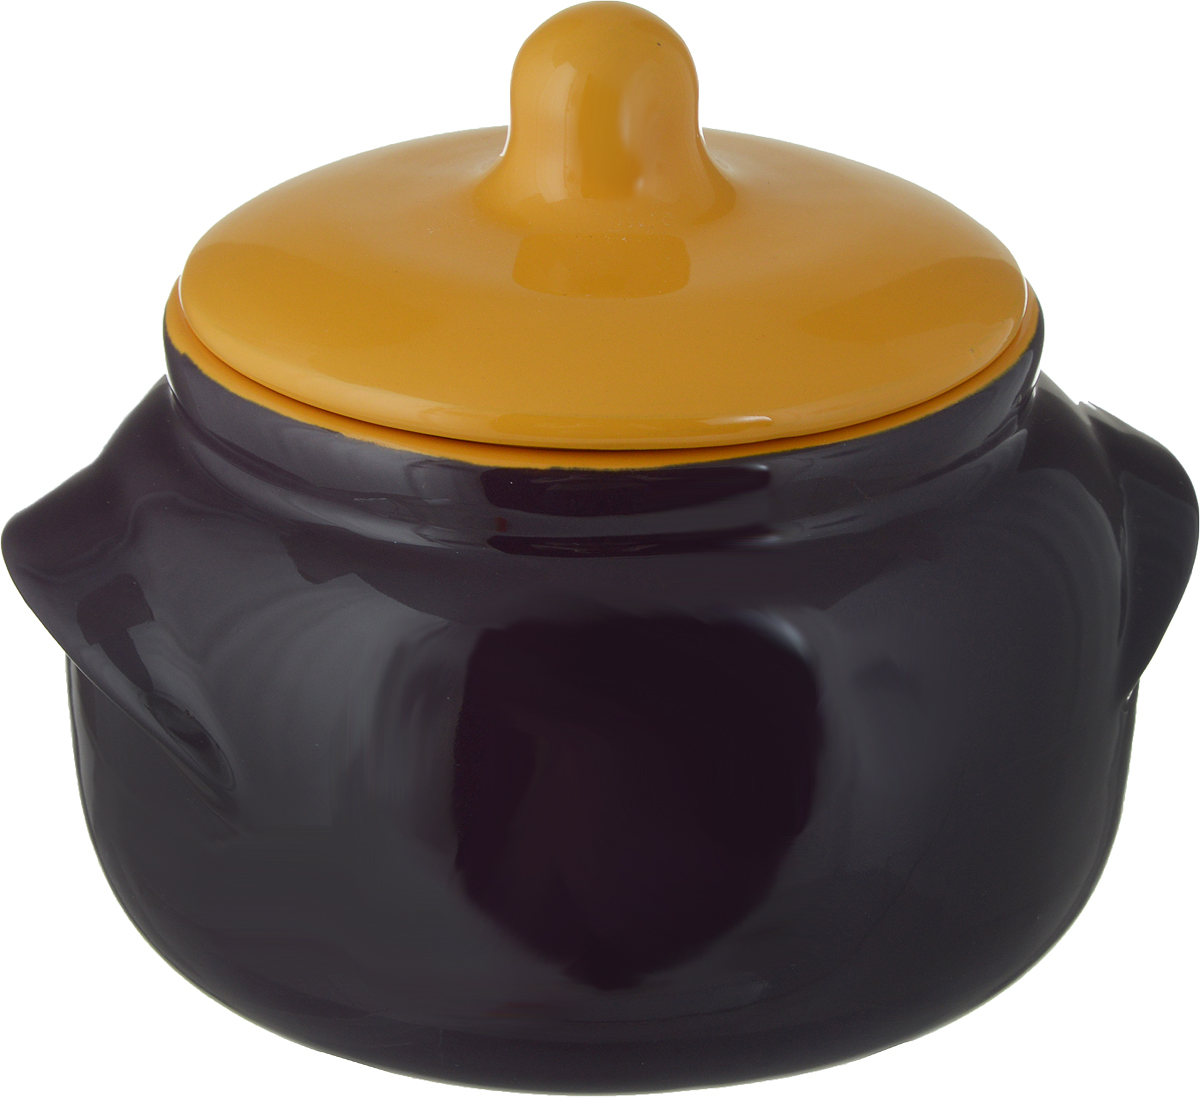 """Горшочек для запекания Борисовская керамика """"Новарусса""""  выполнен из  высококачественной глины. Уникальные свойства красной  глины и  толстые стенки изделия обеспечивают """"эффект русской печи""""  при приготовлении  блюд. Блюда, приготовленные в таком горшочке, получаются  нежными и сочными. Вы сможете приготовить мясо, сделать томленые  овощи и все это без  капли масла. Это один из самых здоровых способов готовки.  Диаметр горшка (по верхнему краю): 10 см.  Высота стенок: 8 см."""